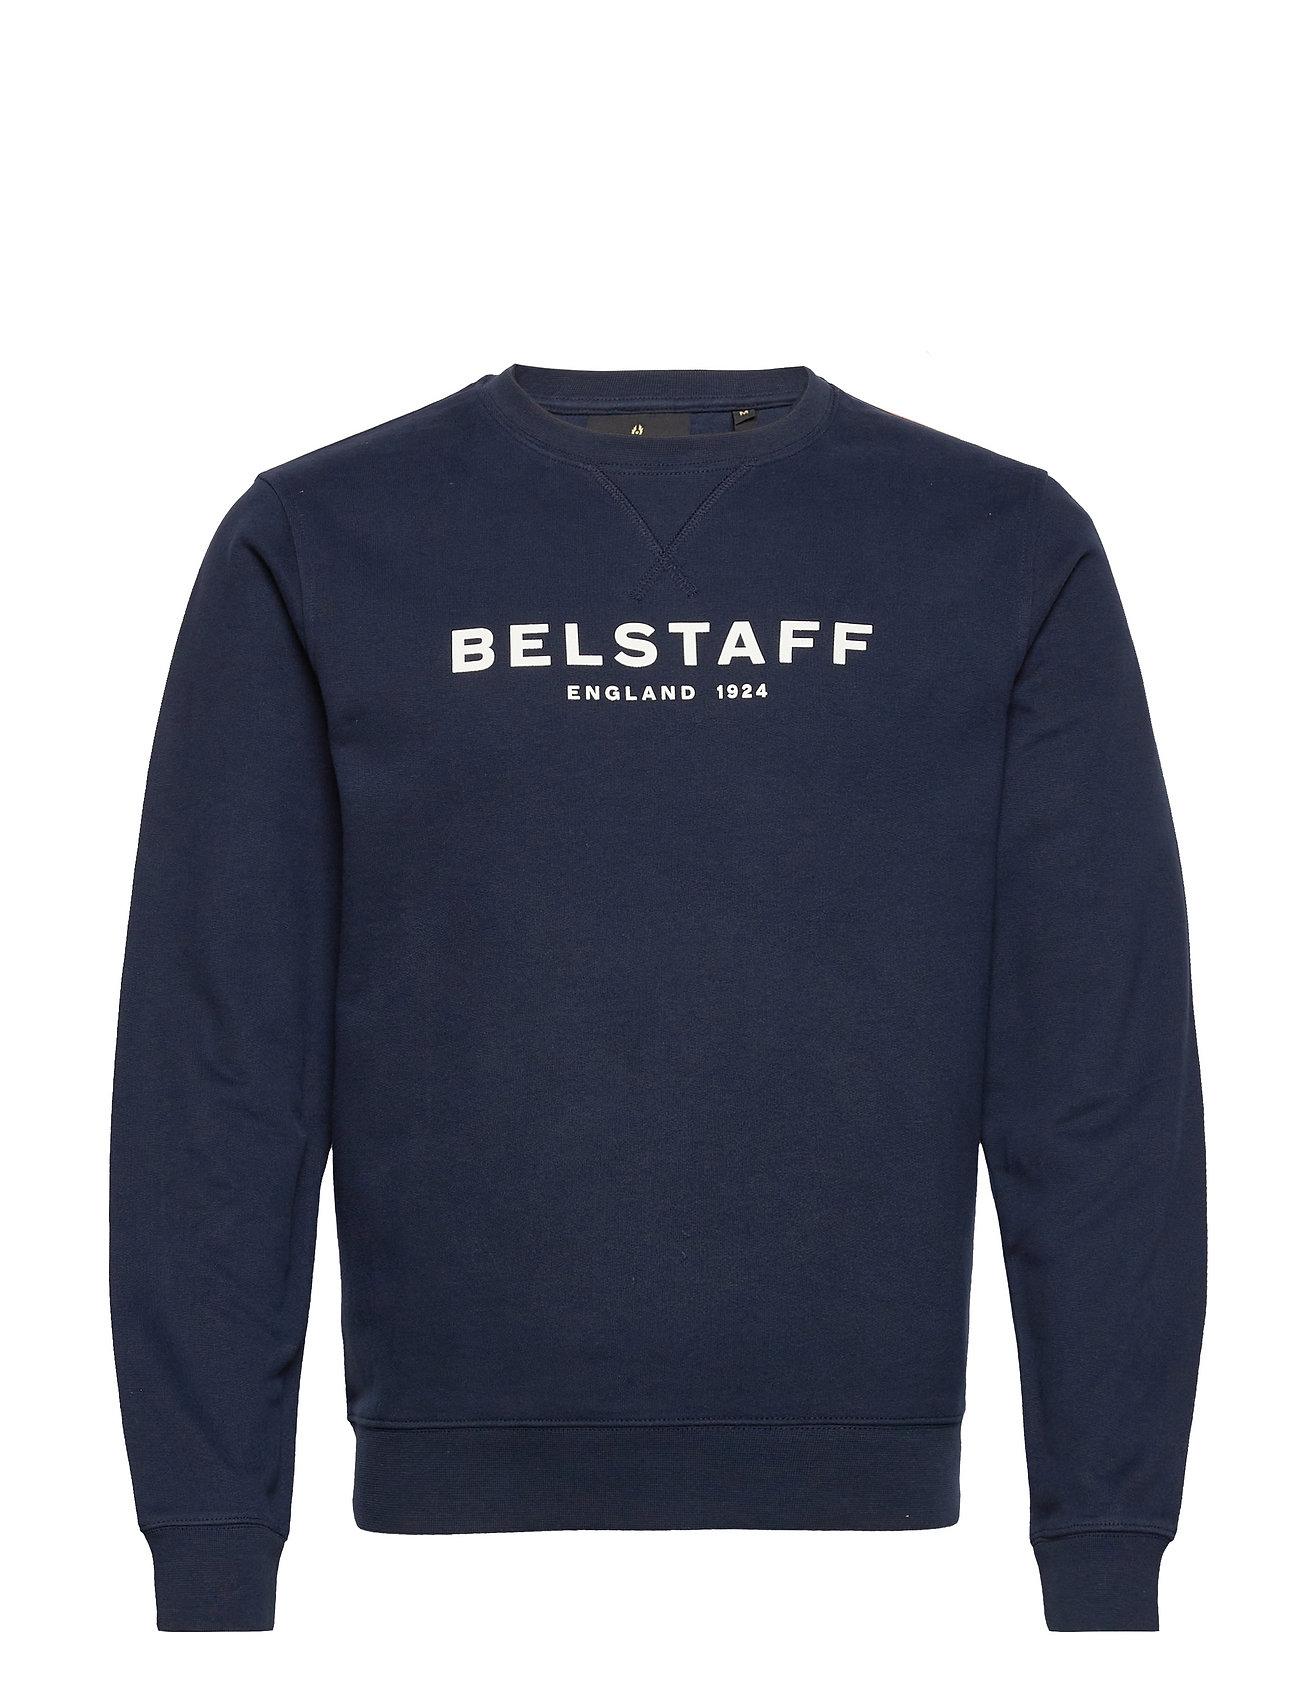 Belstaff 1924 Sweatshirt Sweatshirt Trøje Blå Belstaff